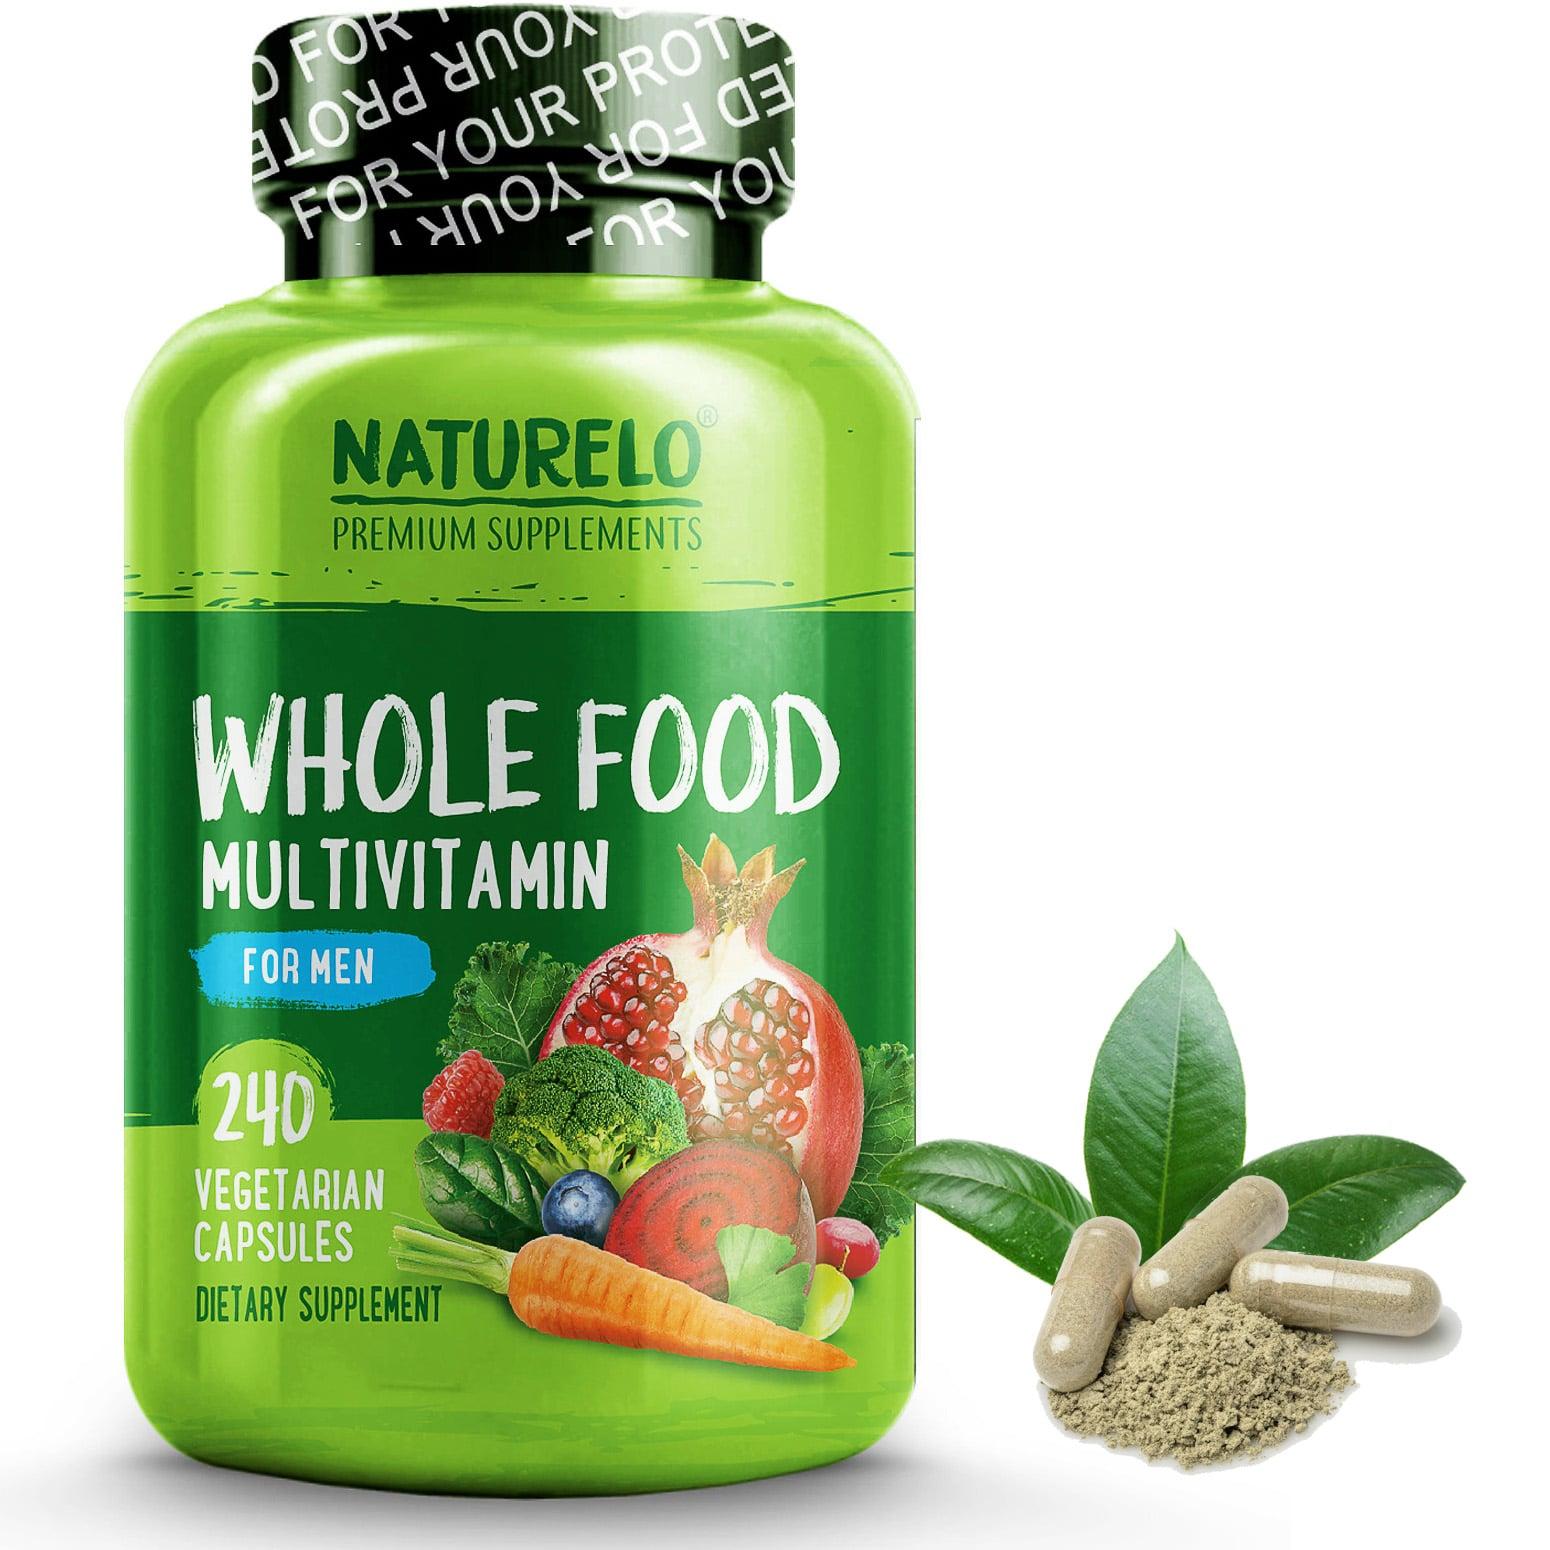 Whole Food Multivitamin for Men - Vegan/Vegetarian - 240 Capsules